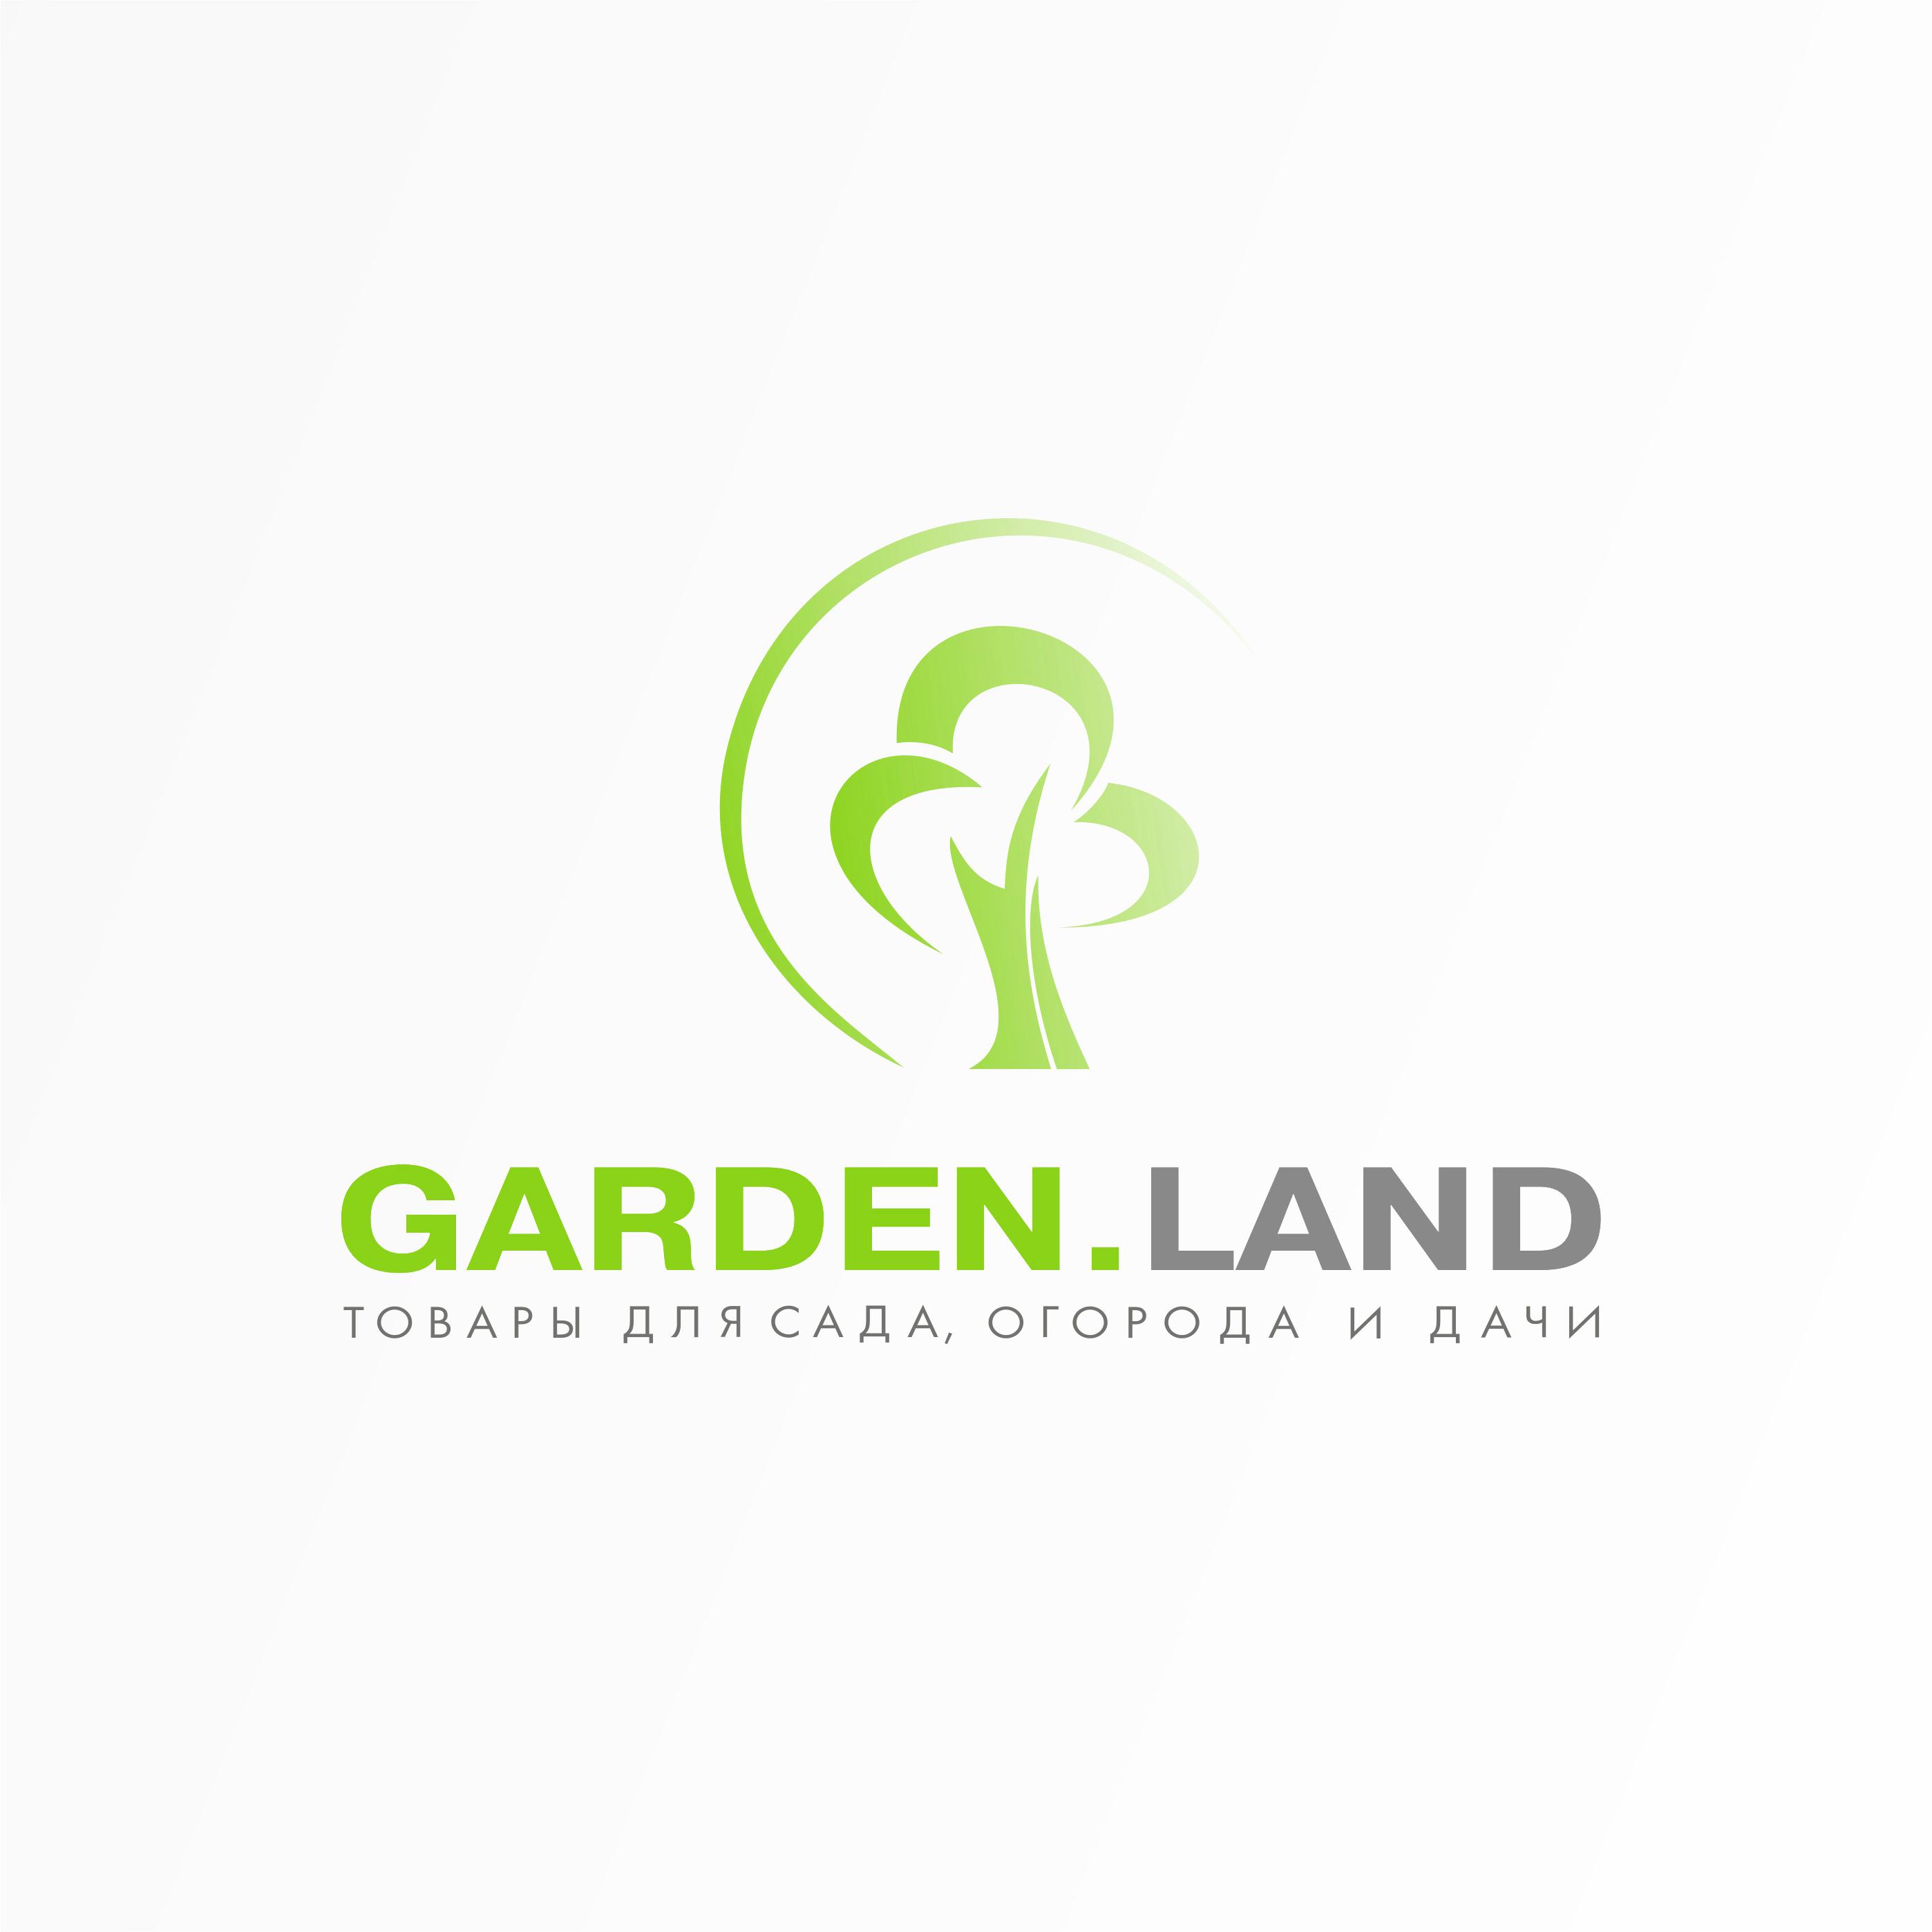 Создание логотипа компании Garden.Land фото f_7845986e79dbddad.jpg